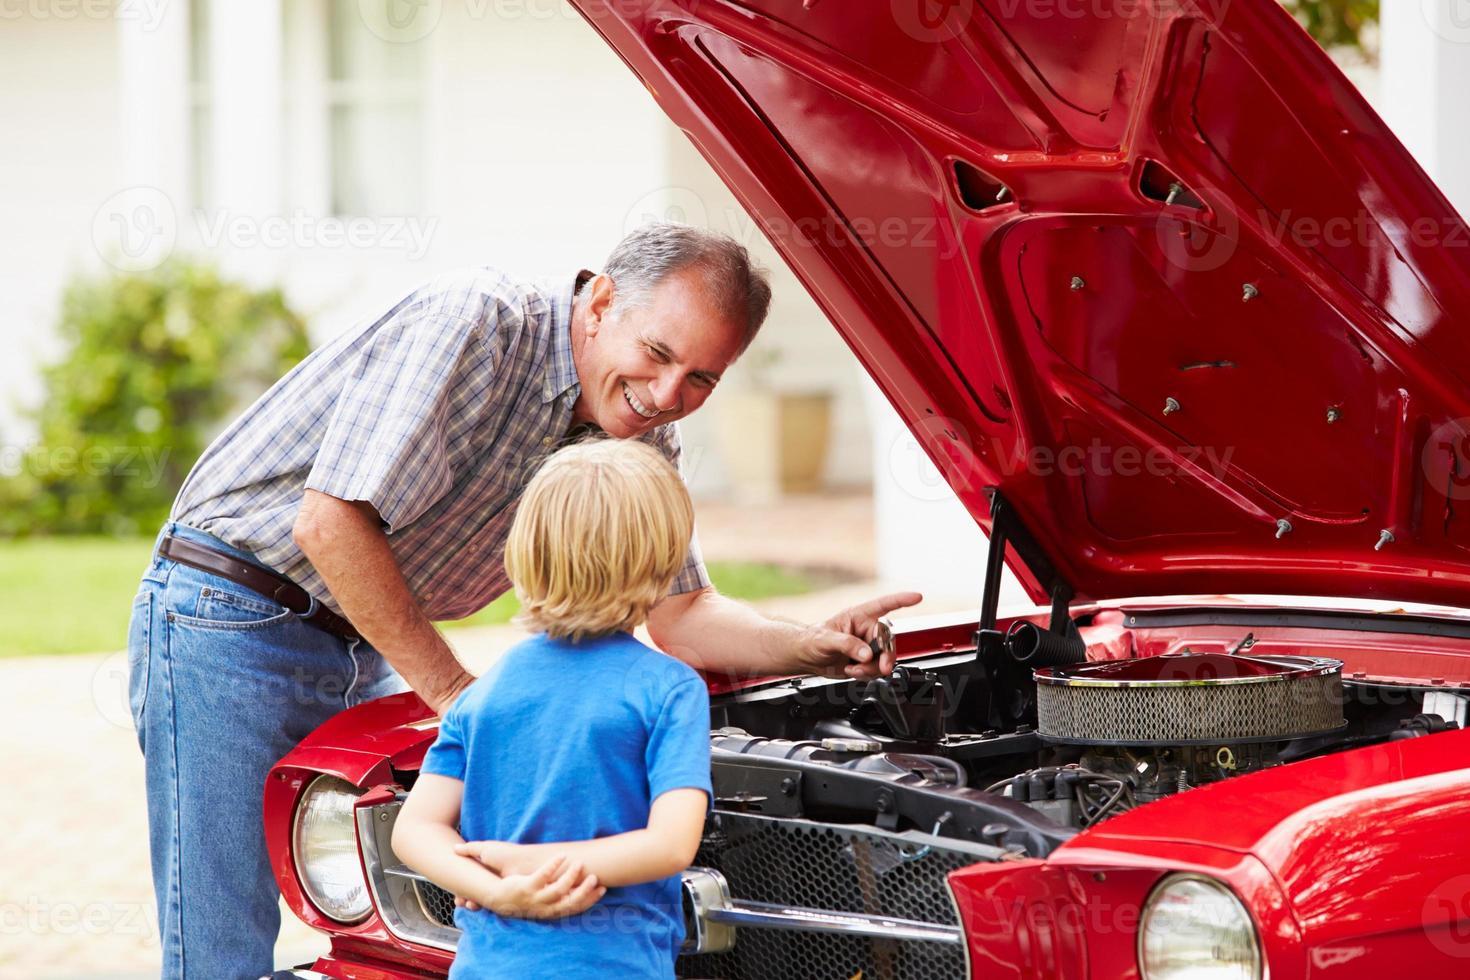 nonno e nipote che lavorano su auto d'epoca restaurata foto